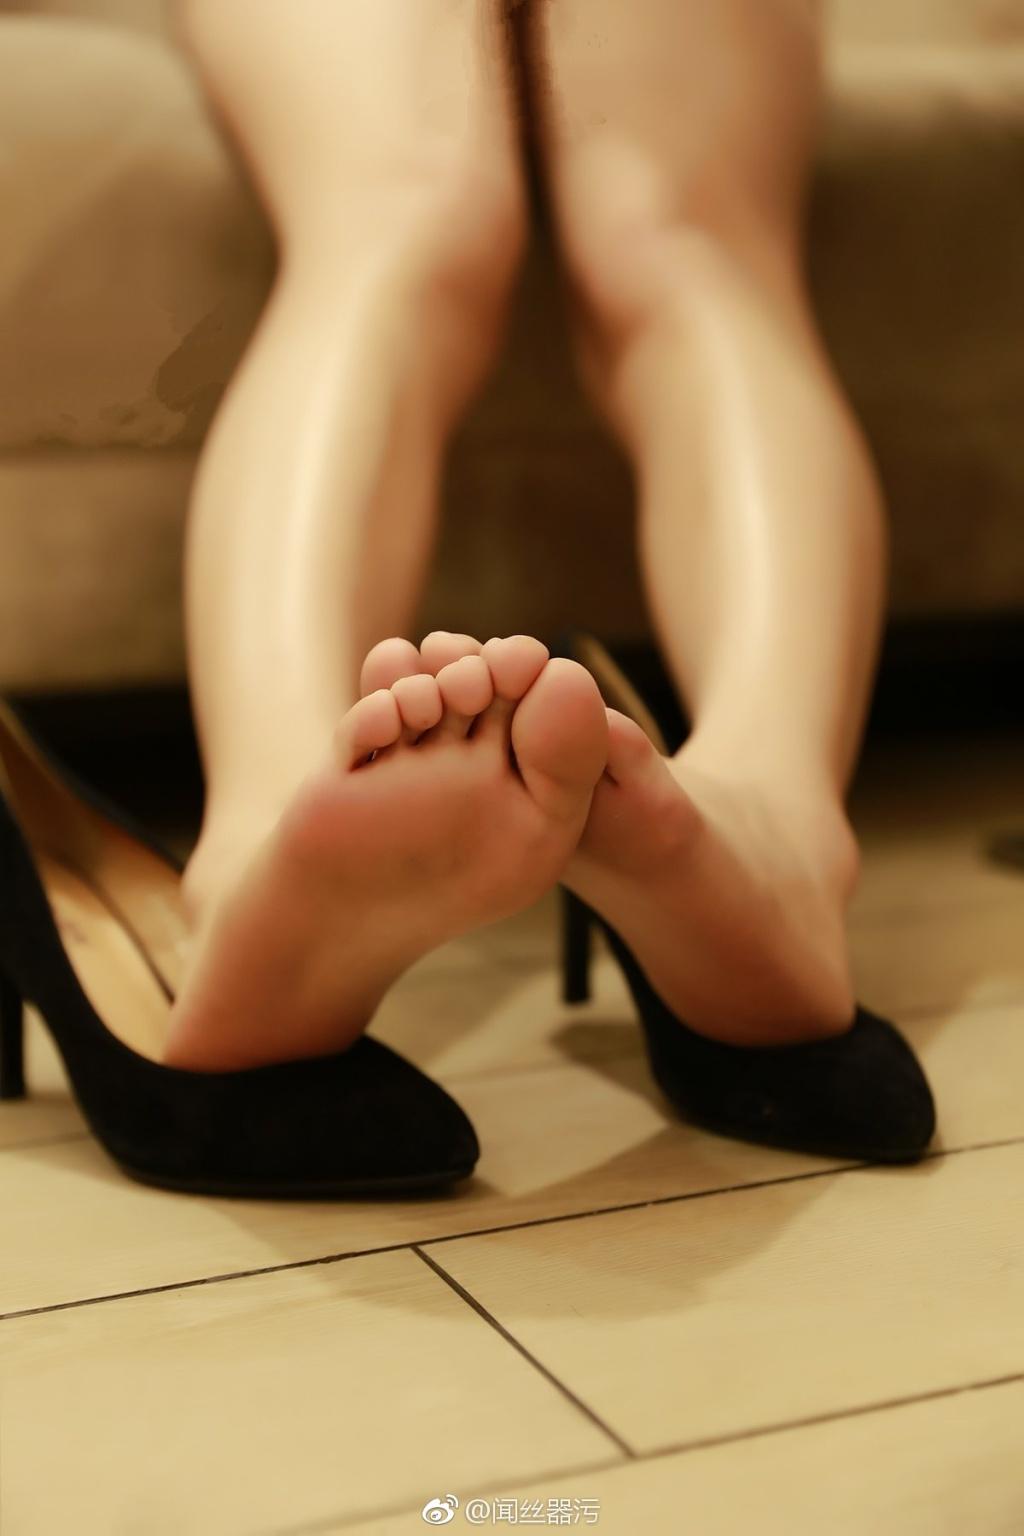 735 - White stockings black stockings bare feet lovely little girl 足控白色丝袜黑色丝袜裸足可爱小萝莉 【19.5.18】